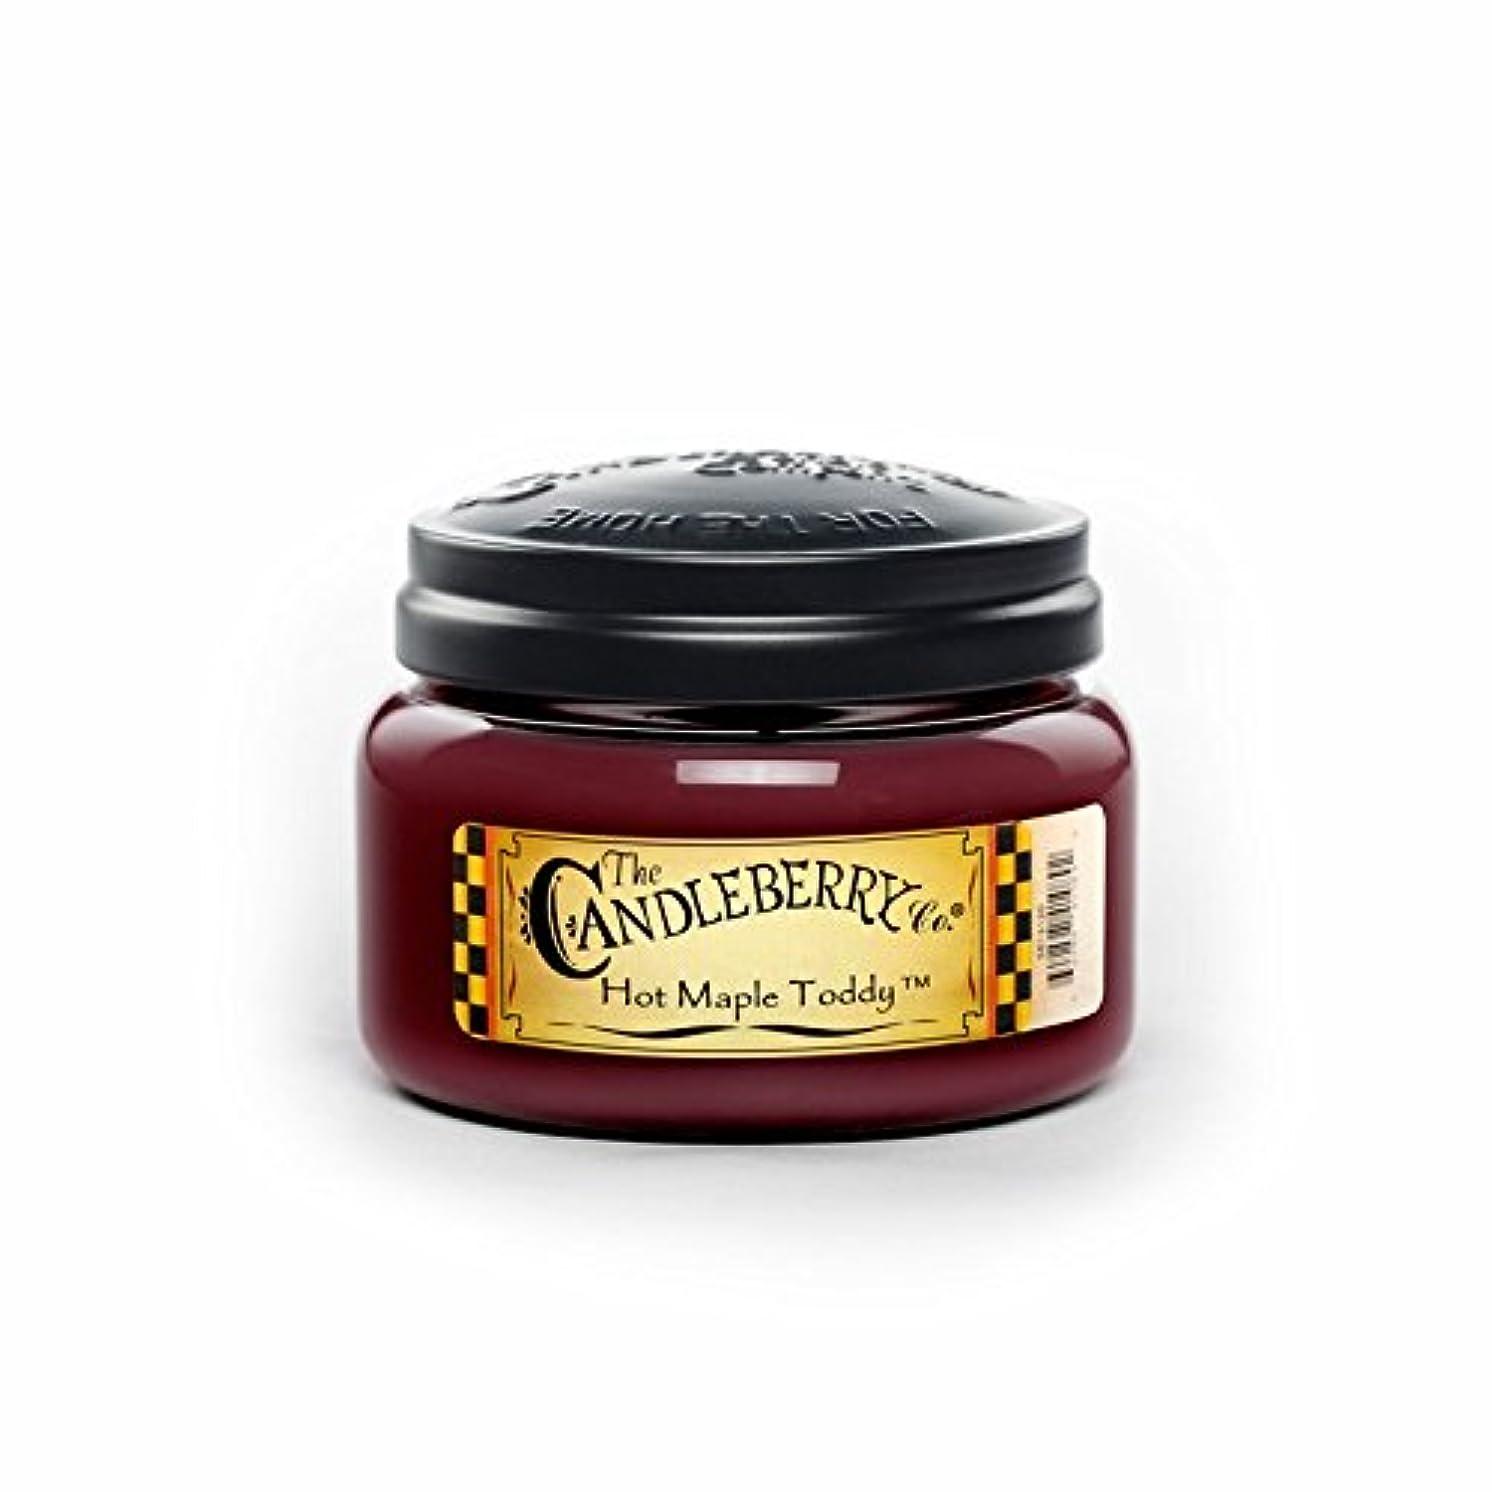 丈夫プレゼンテーション症候群ホットMaple Toddy Toddy 10オンスJar Candleberry Small Candle